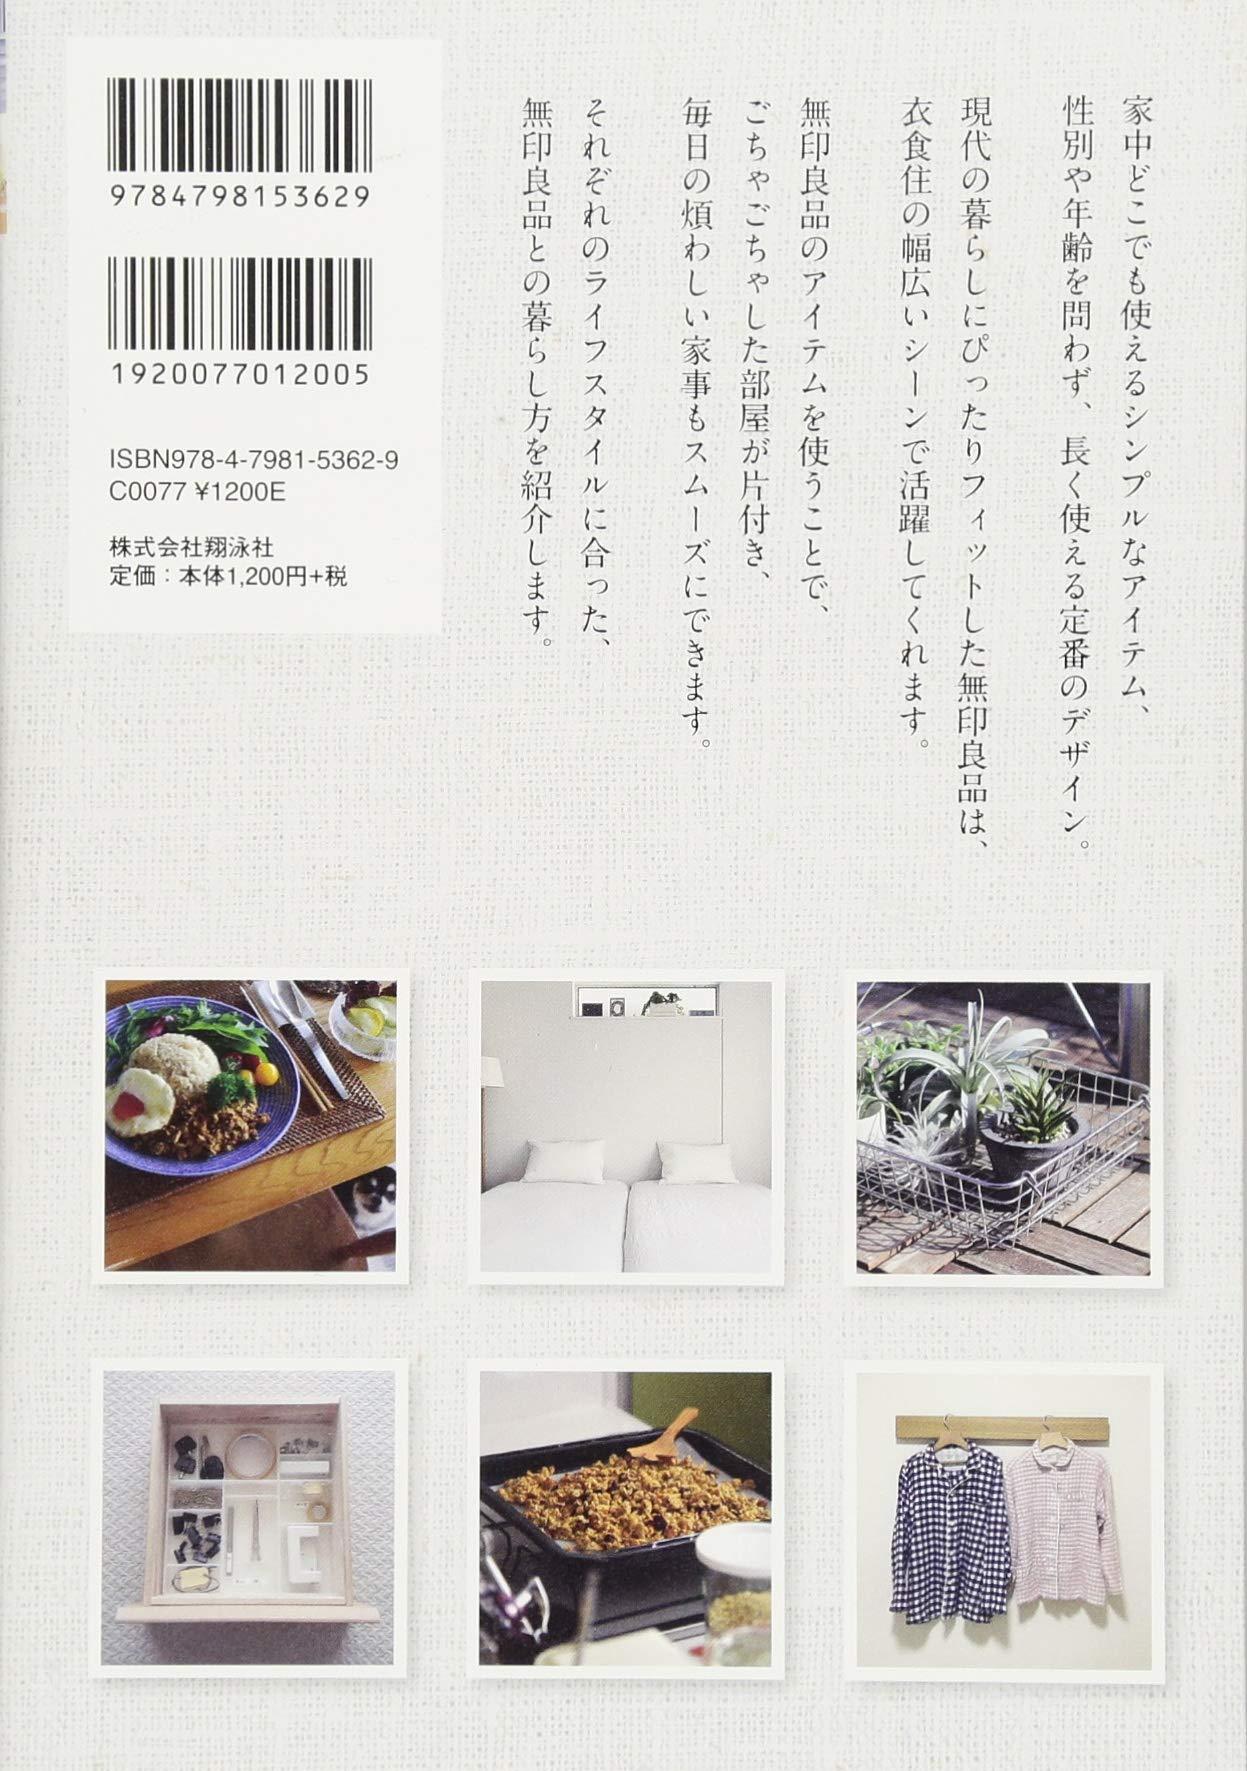 4c2d286e080f みんなの「無印良品」日記 人気アイテムでつくる、心地よい衣食住のアイデア。 (みんなの日記) | みんなの日記編集部 |本 | 通販 | Amazon